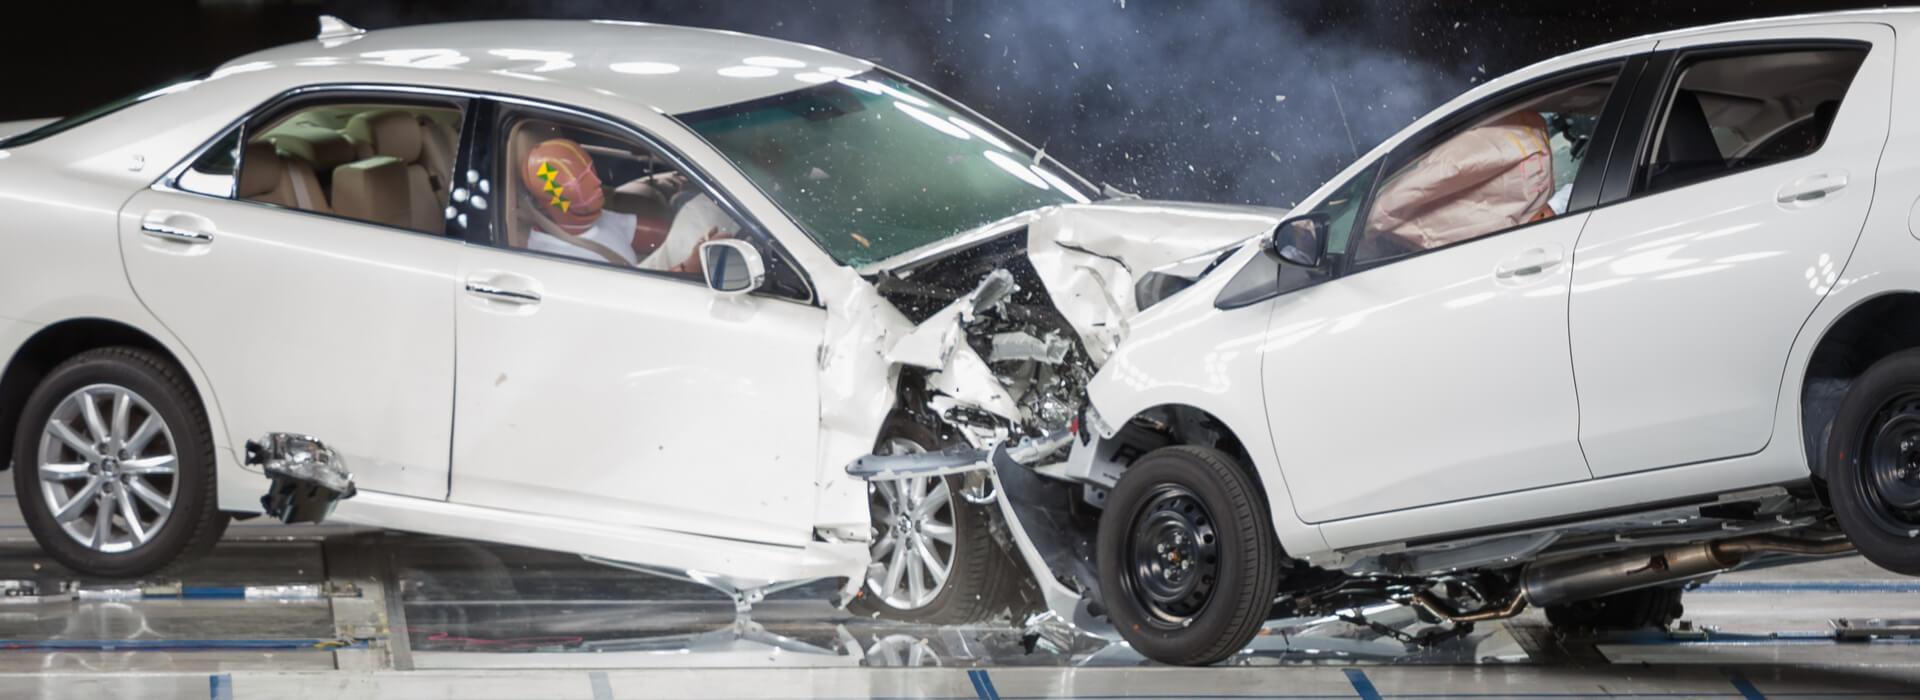 Testen van twee autos en crash